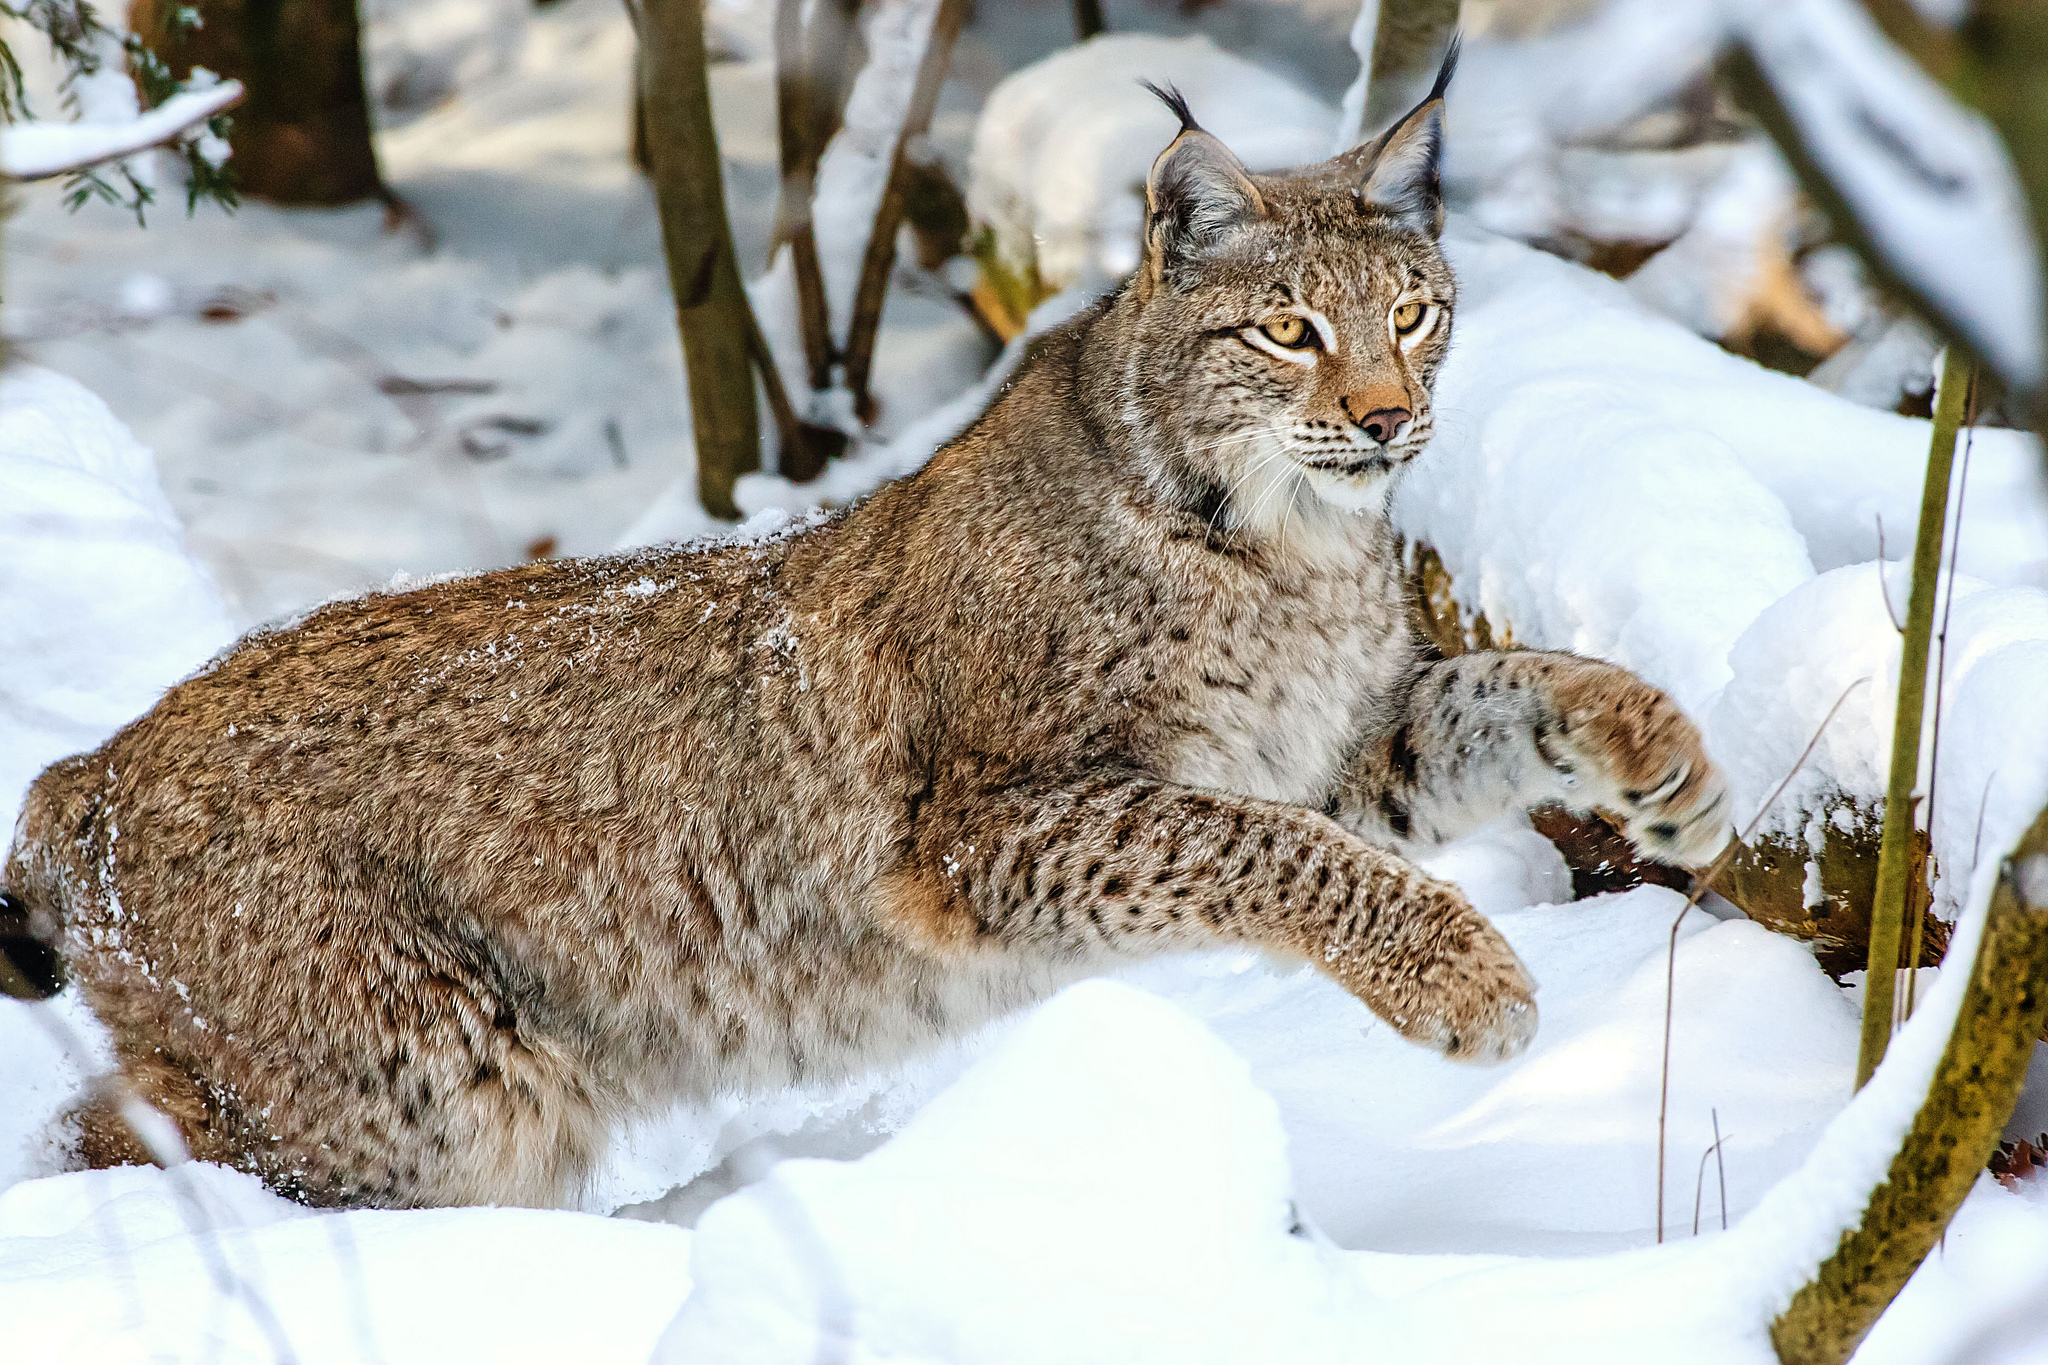 природа животные ветка деревья рысь nature animals branch trees lynx  № 560021 без смс